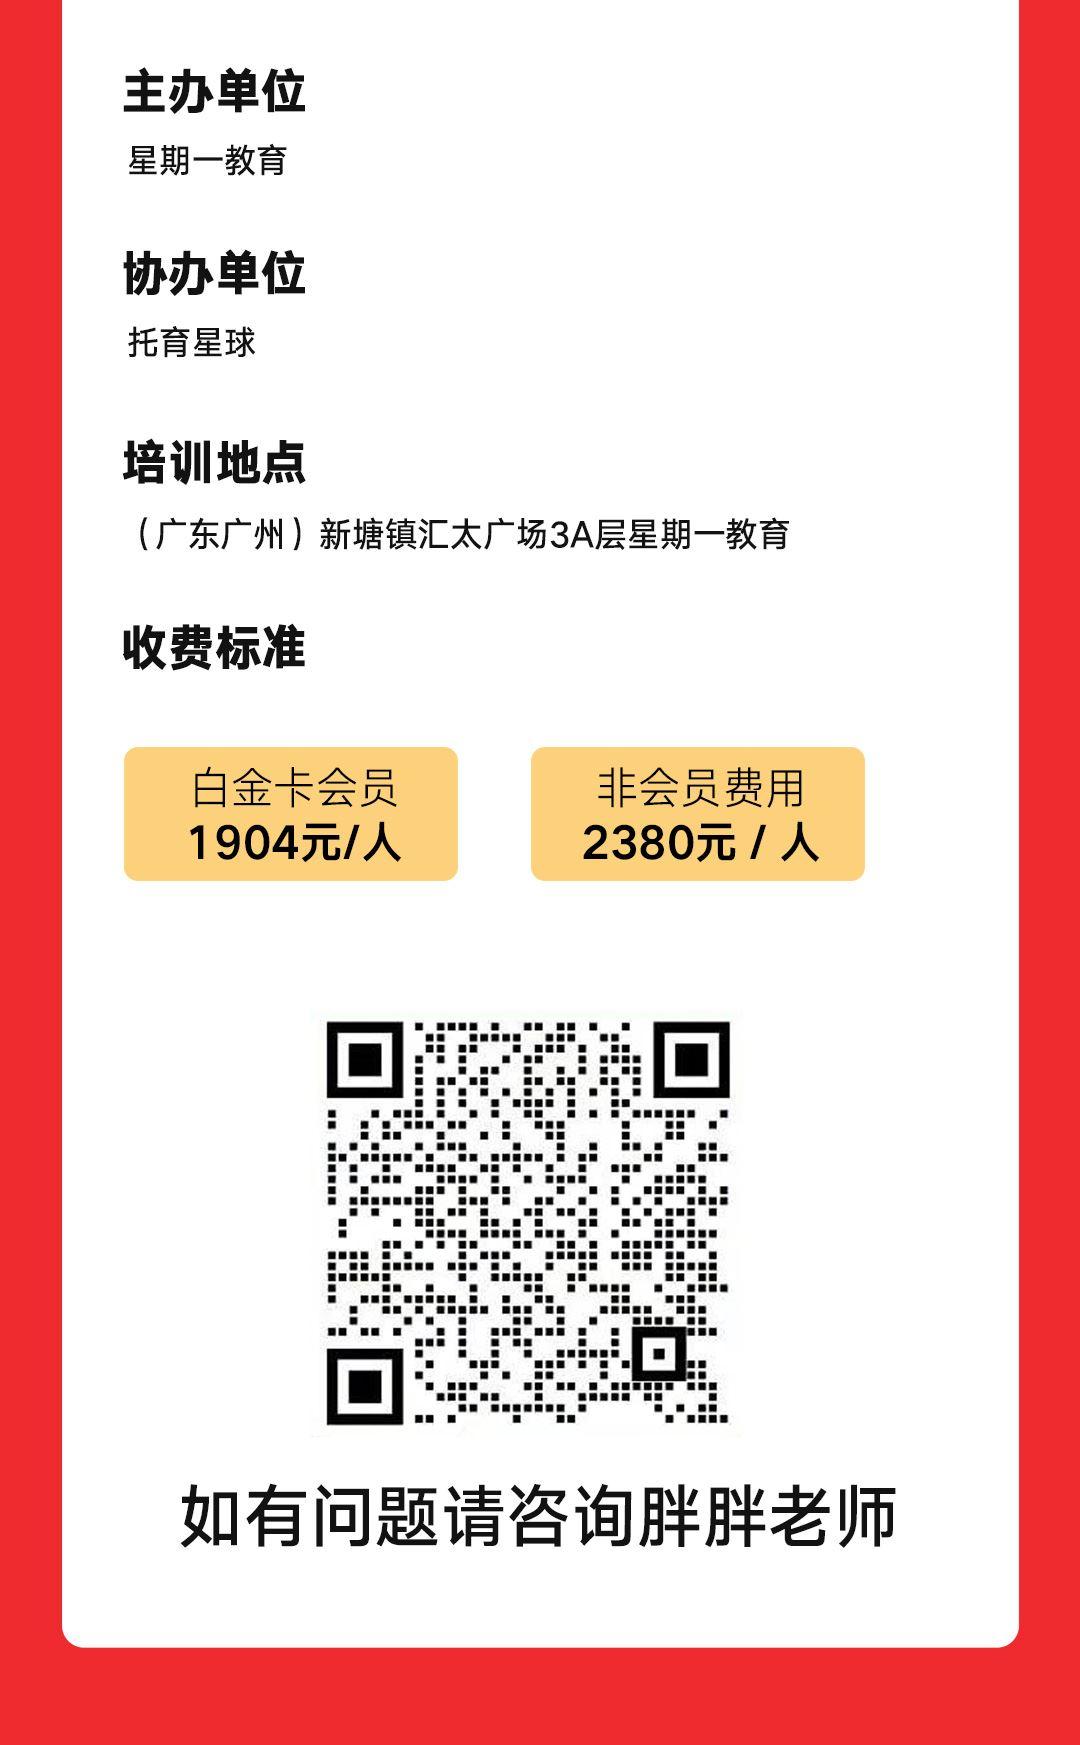 顾问训练营长图(广州站)_05.jpg